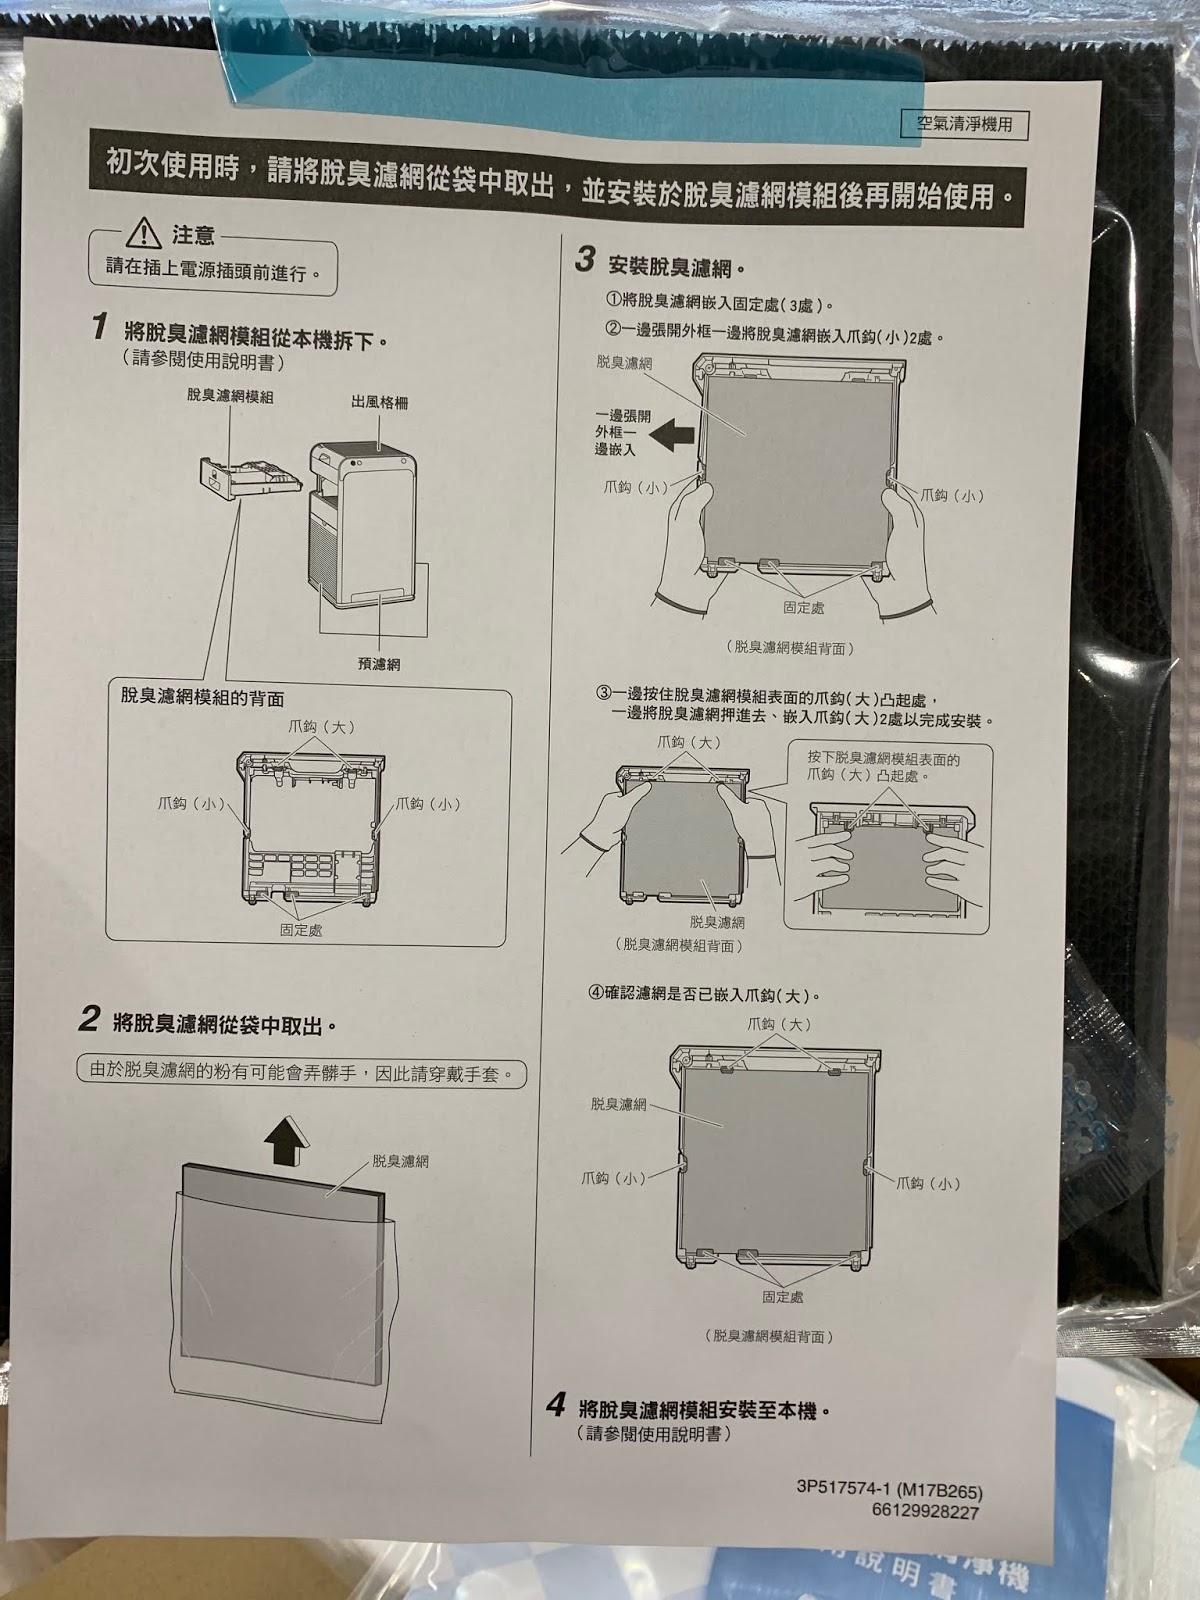 邱柏鈞醫師: 【開箱文】DAIKIN 大金閃流空氣清淨機 MC55USCT